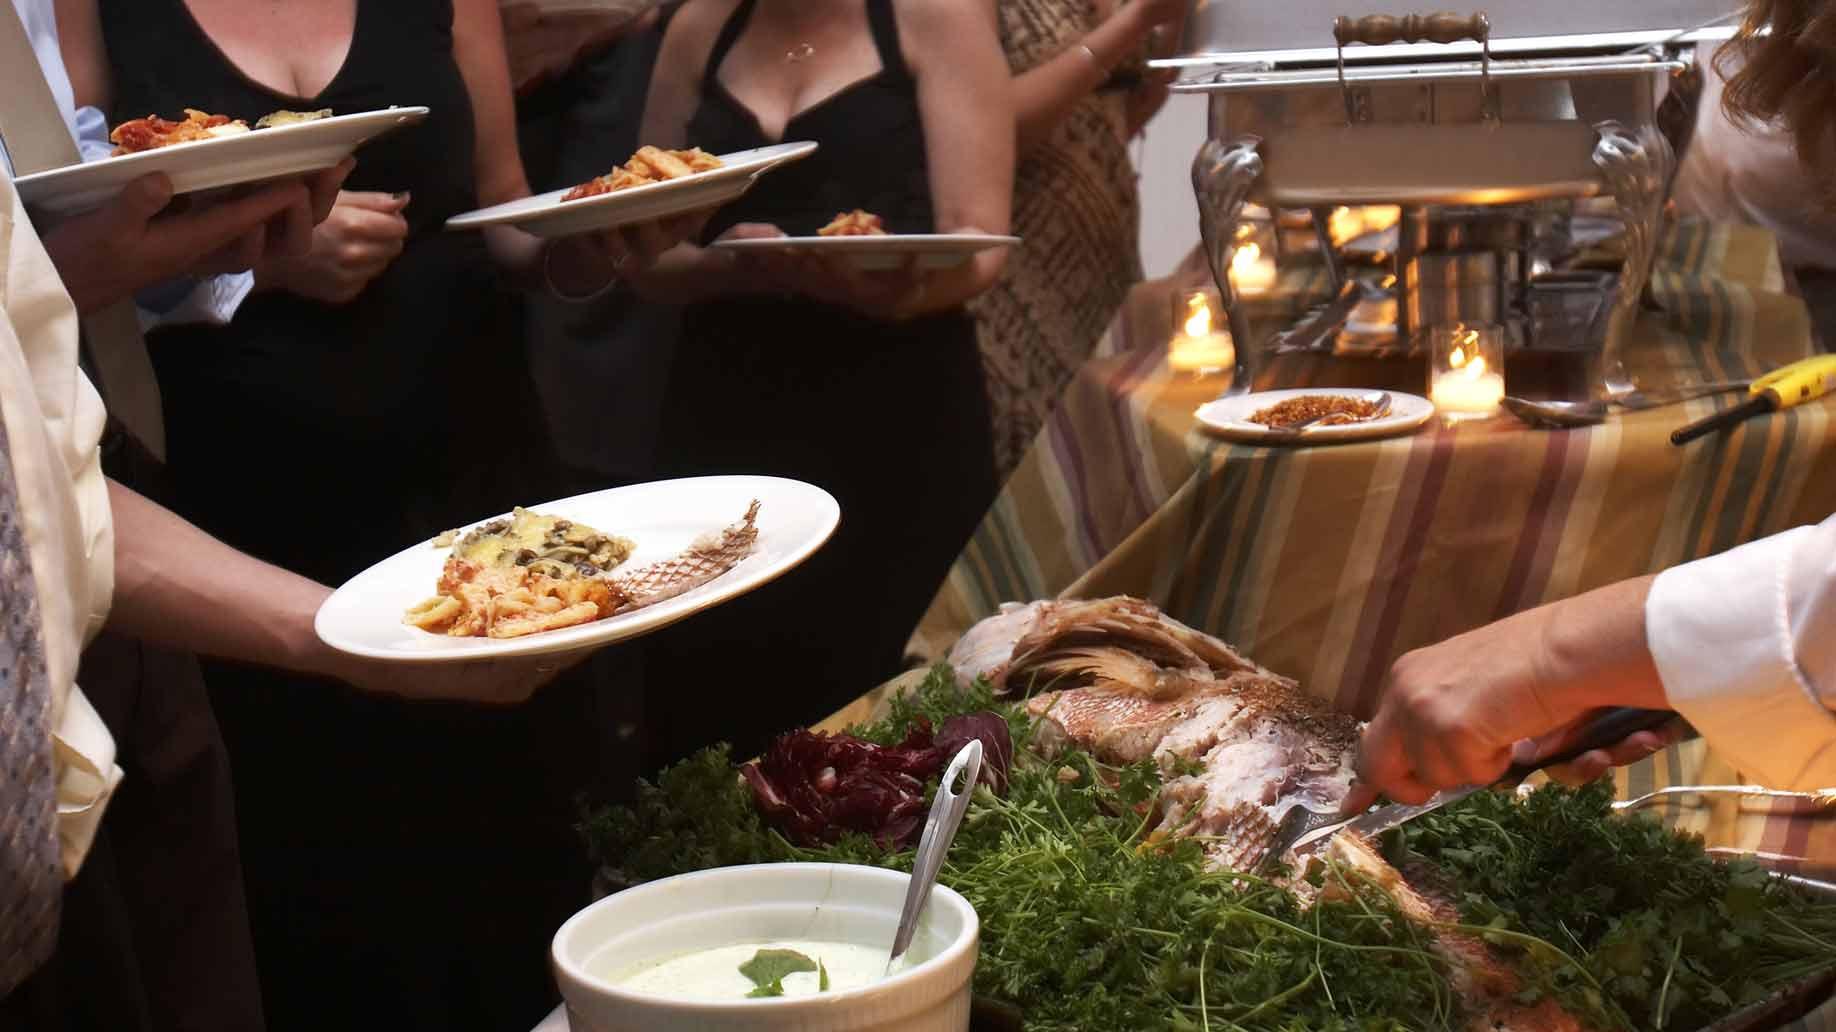 Wedding Dinner Ideas  23 Cheap Wedding Reception Food & Drink Menu Ideas on a Bud